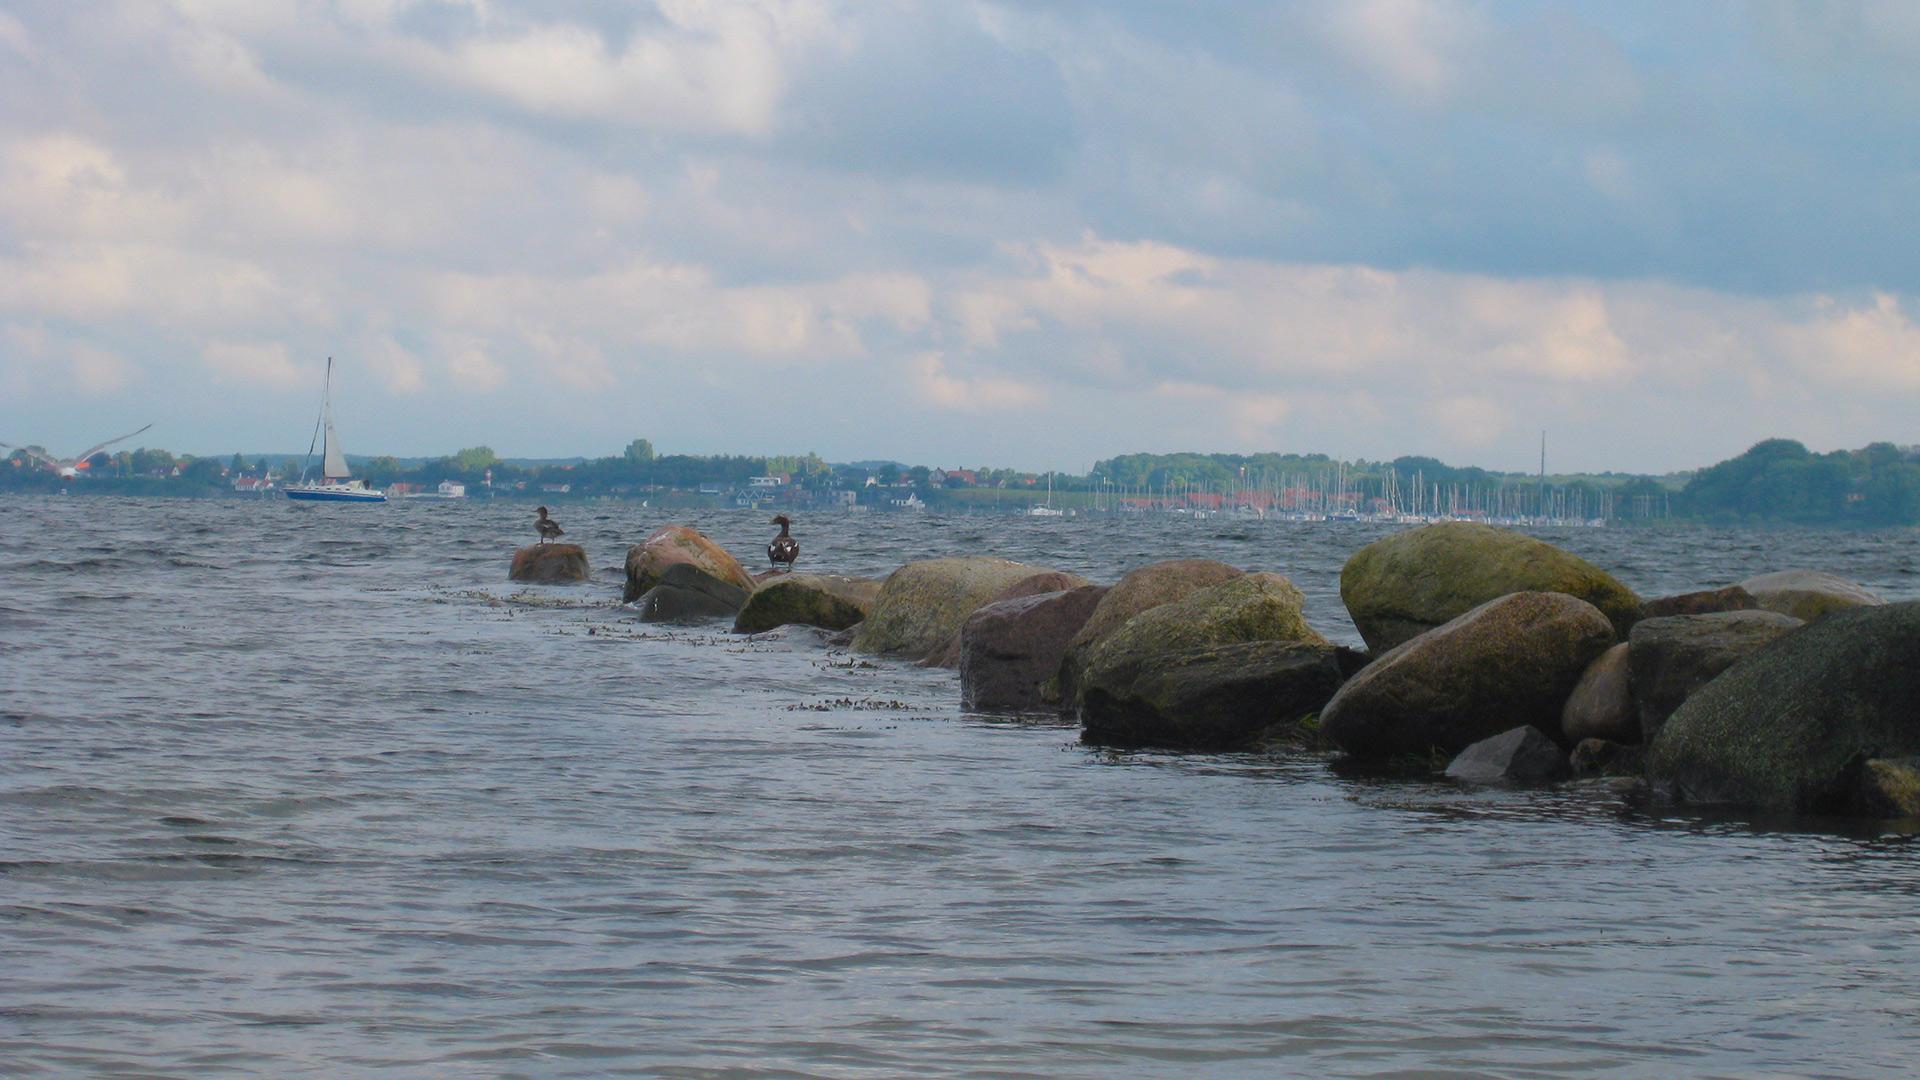 Steine als Wellenbrecher auf dem zwei Vögel sitzen.